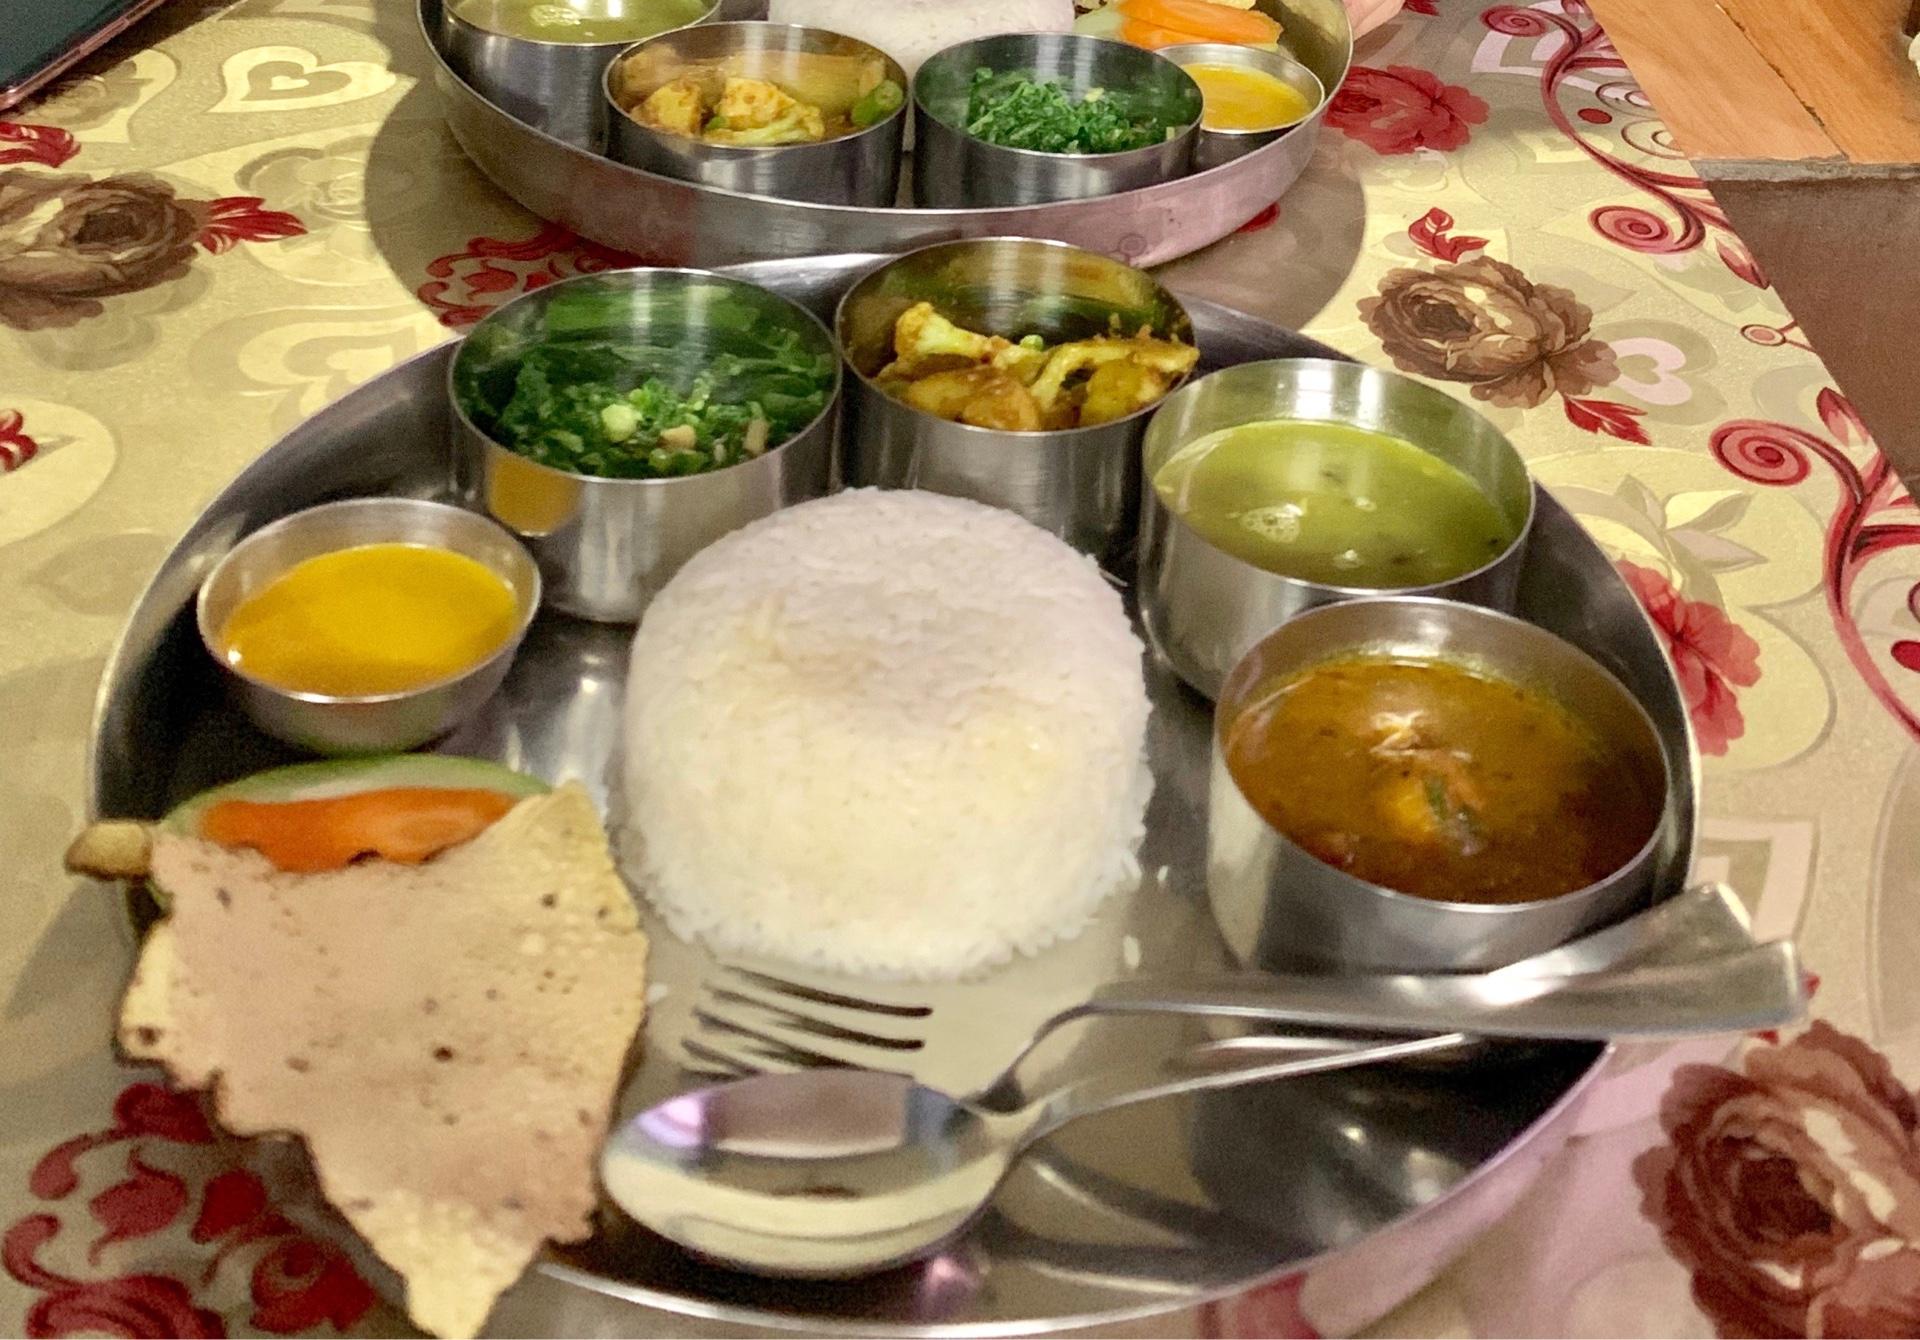 美食にあふれるネパール料理とオススメのご飯屋さんを紹介!